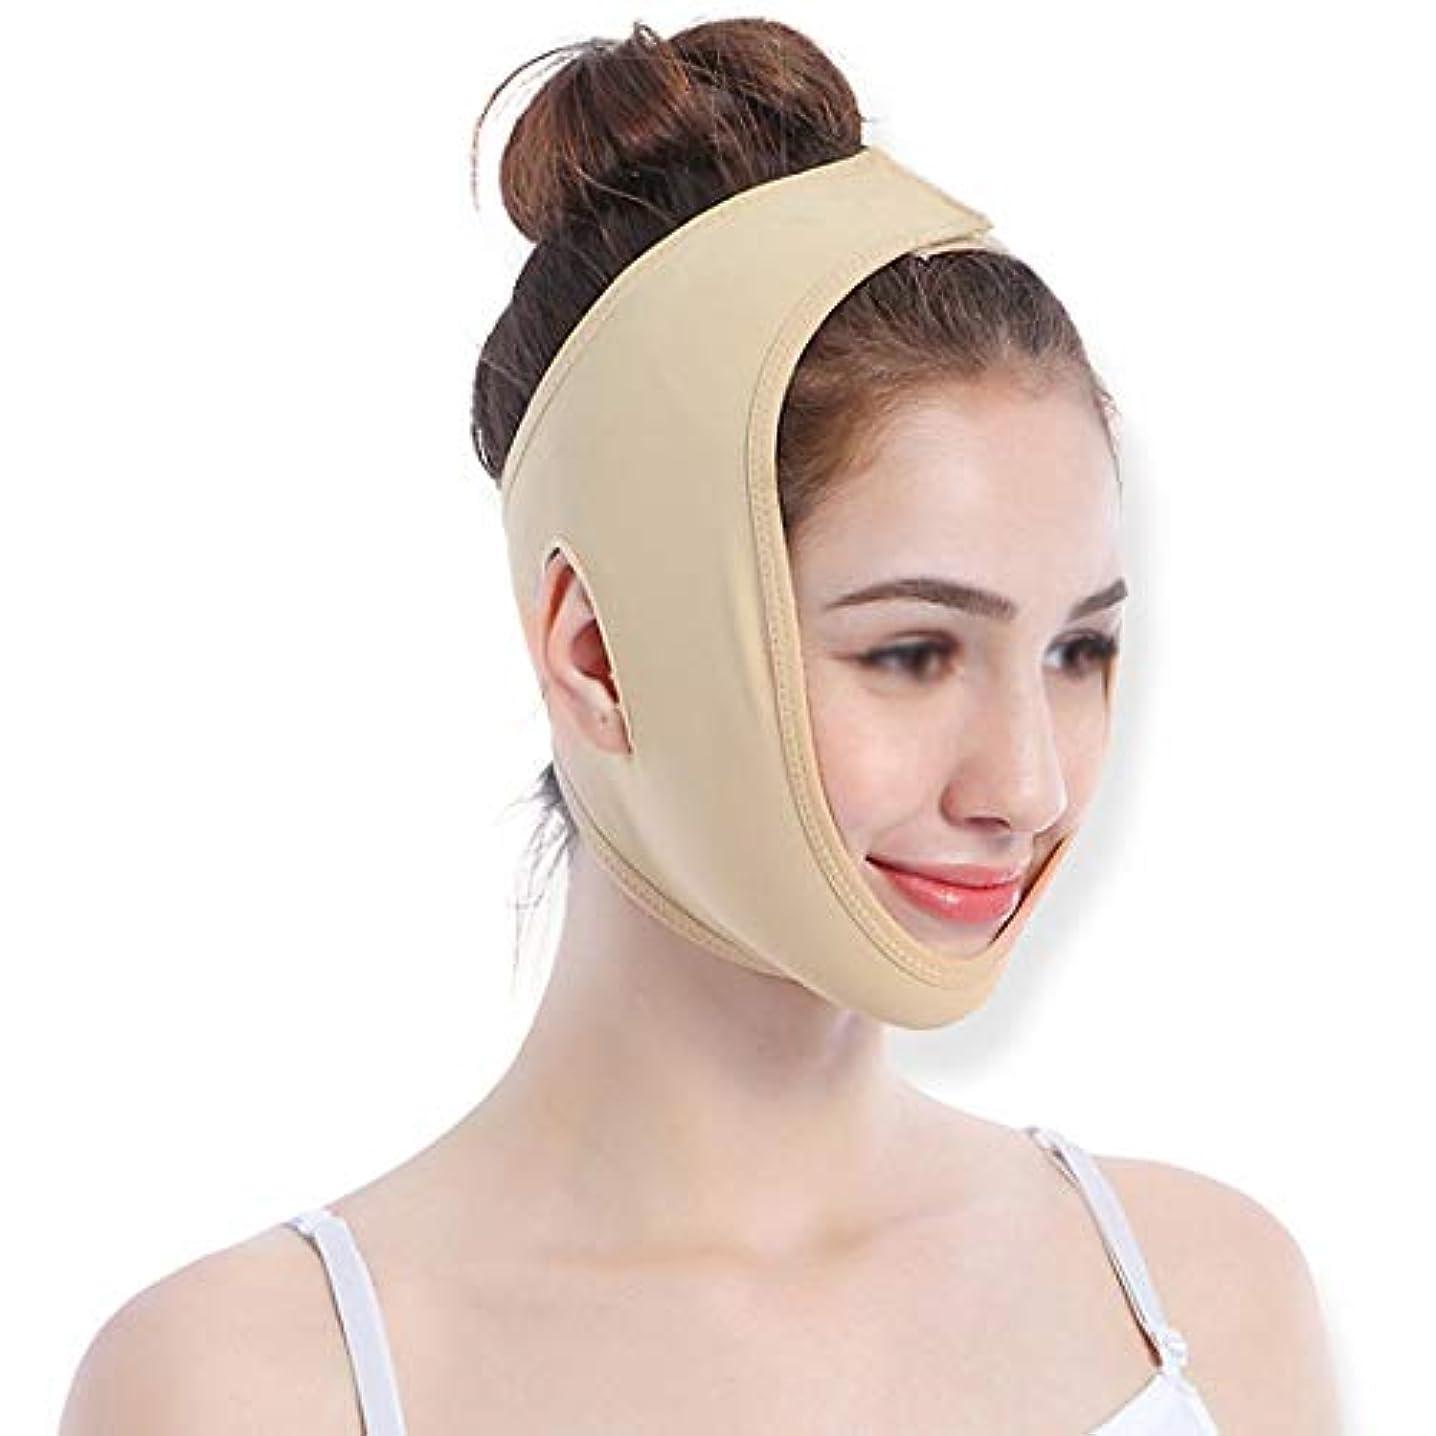 見込みジュラシックパークそれからZWBD フェイスマスク, 減量の包帯の男性と女性を削除するフェイスリフティングアーティファクト二重あごフェイスリフトアーティファクトVフェイスマスク楽器包帯